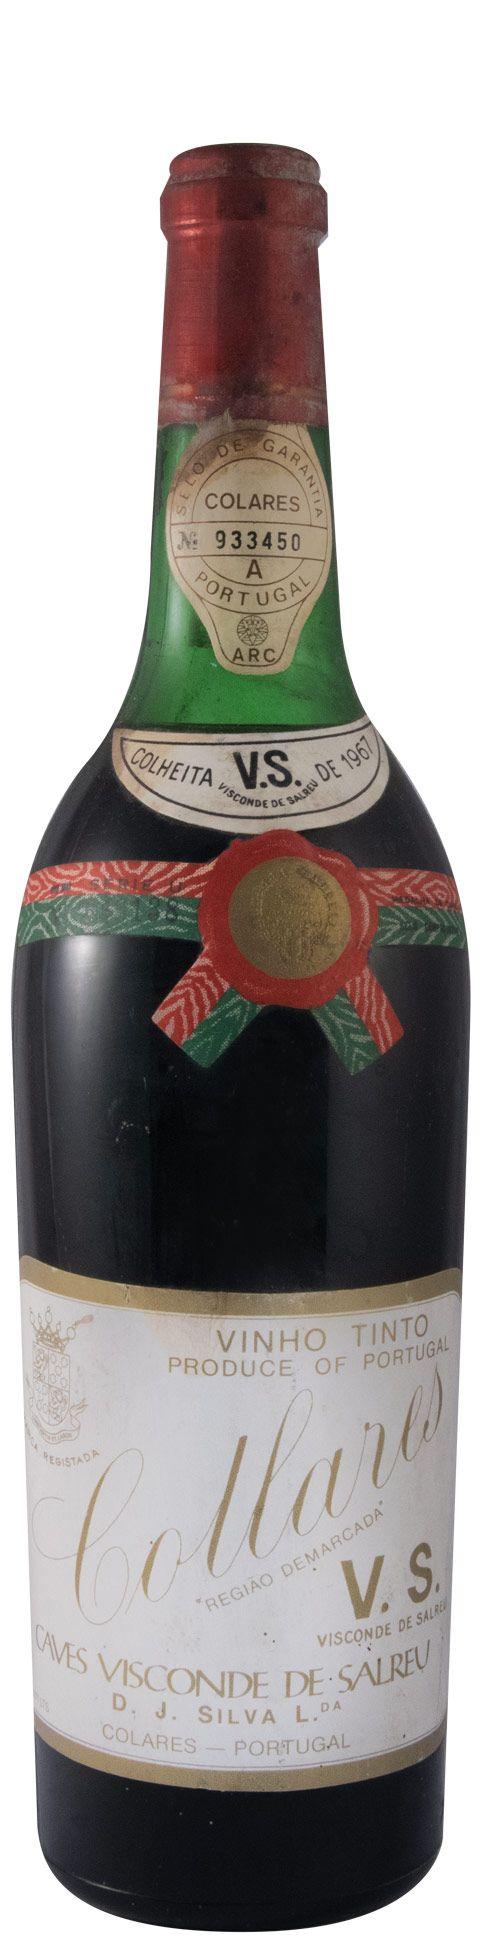 1967 Visconde de Salreu Colares tinto